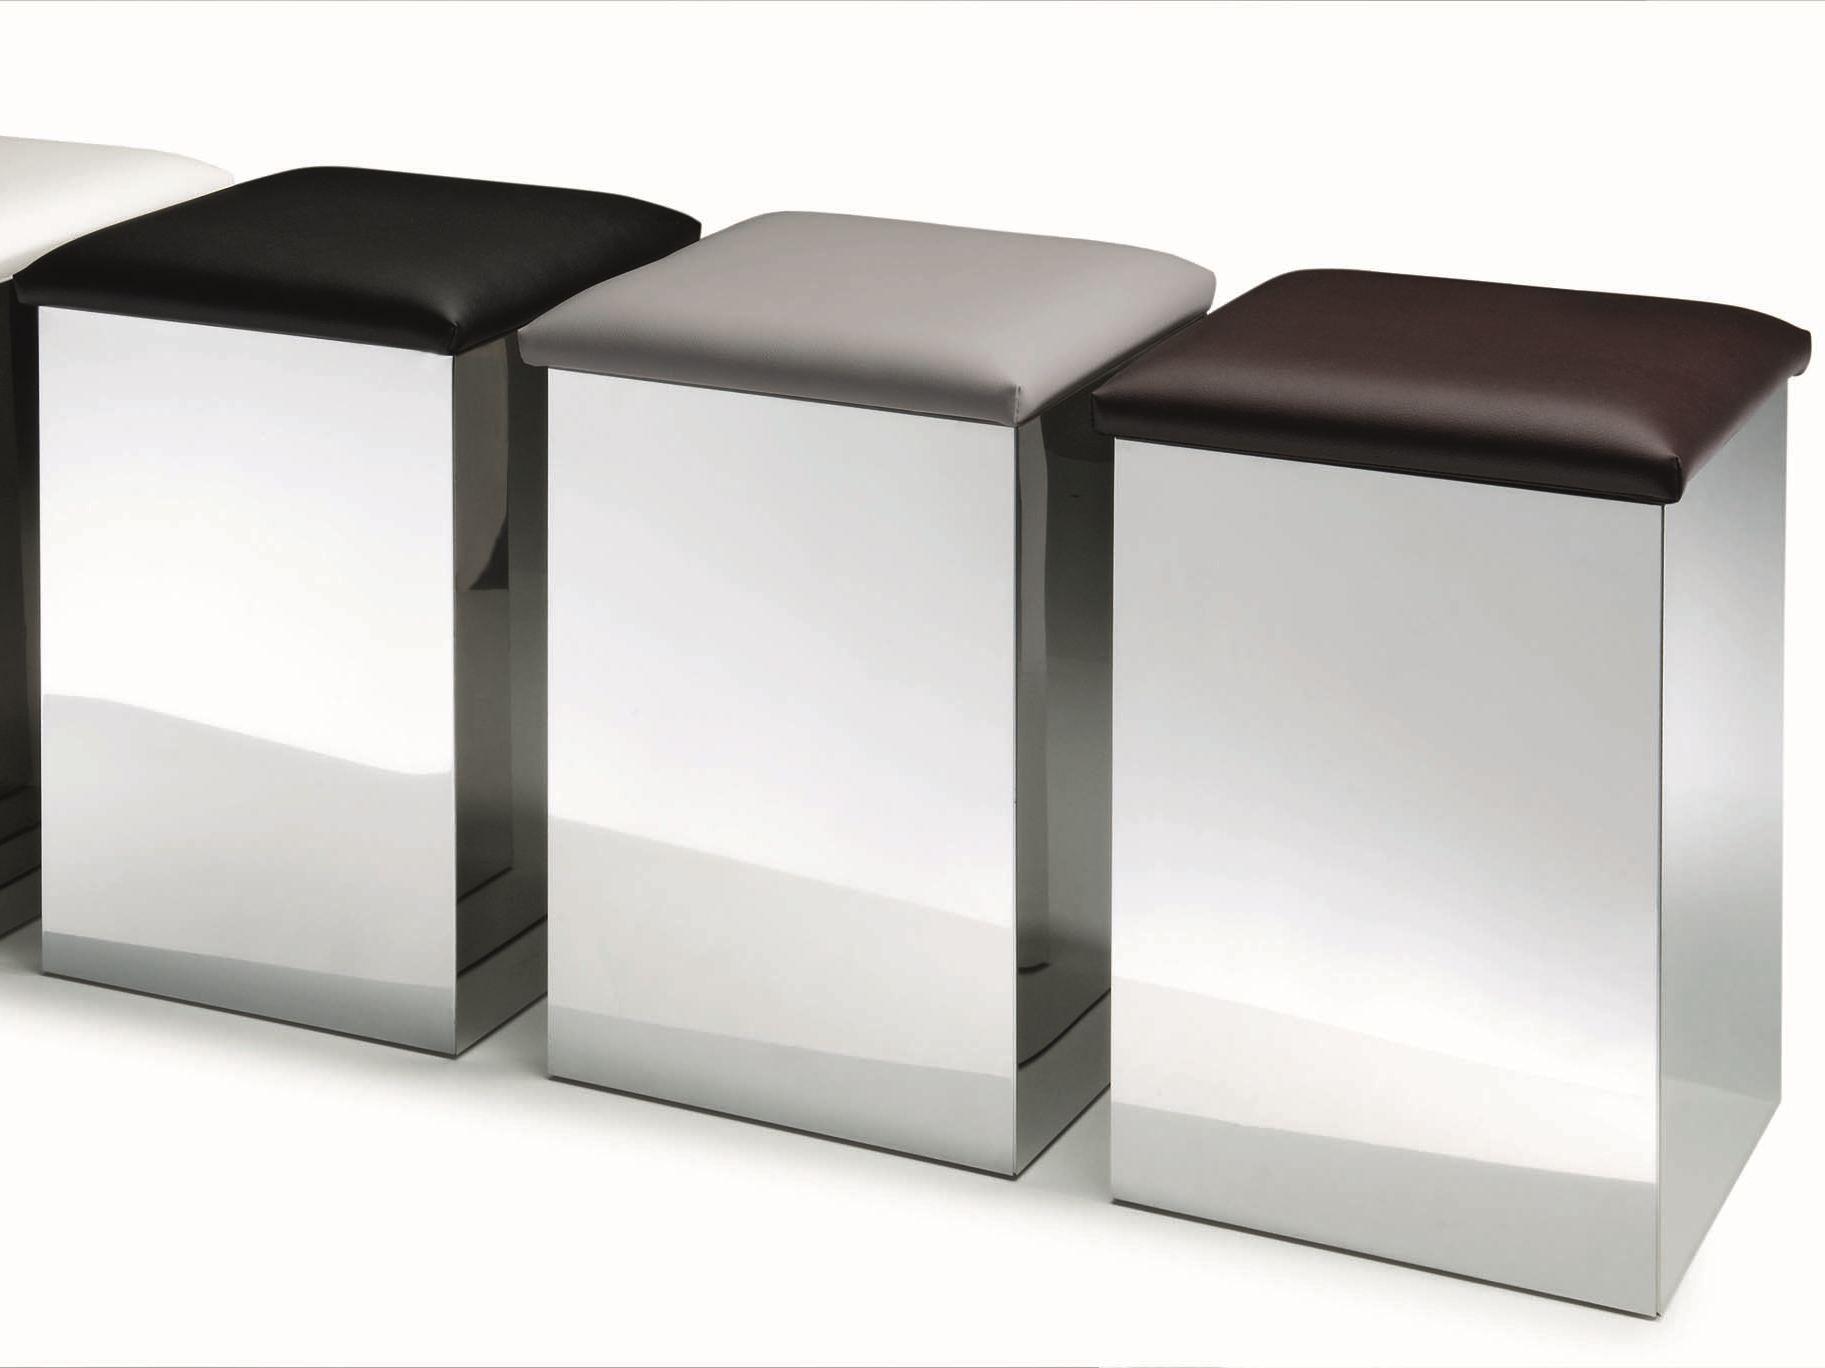 Portabiancheria in acciaio case hk 1 by decor walther - Portabiancheria design ...